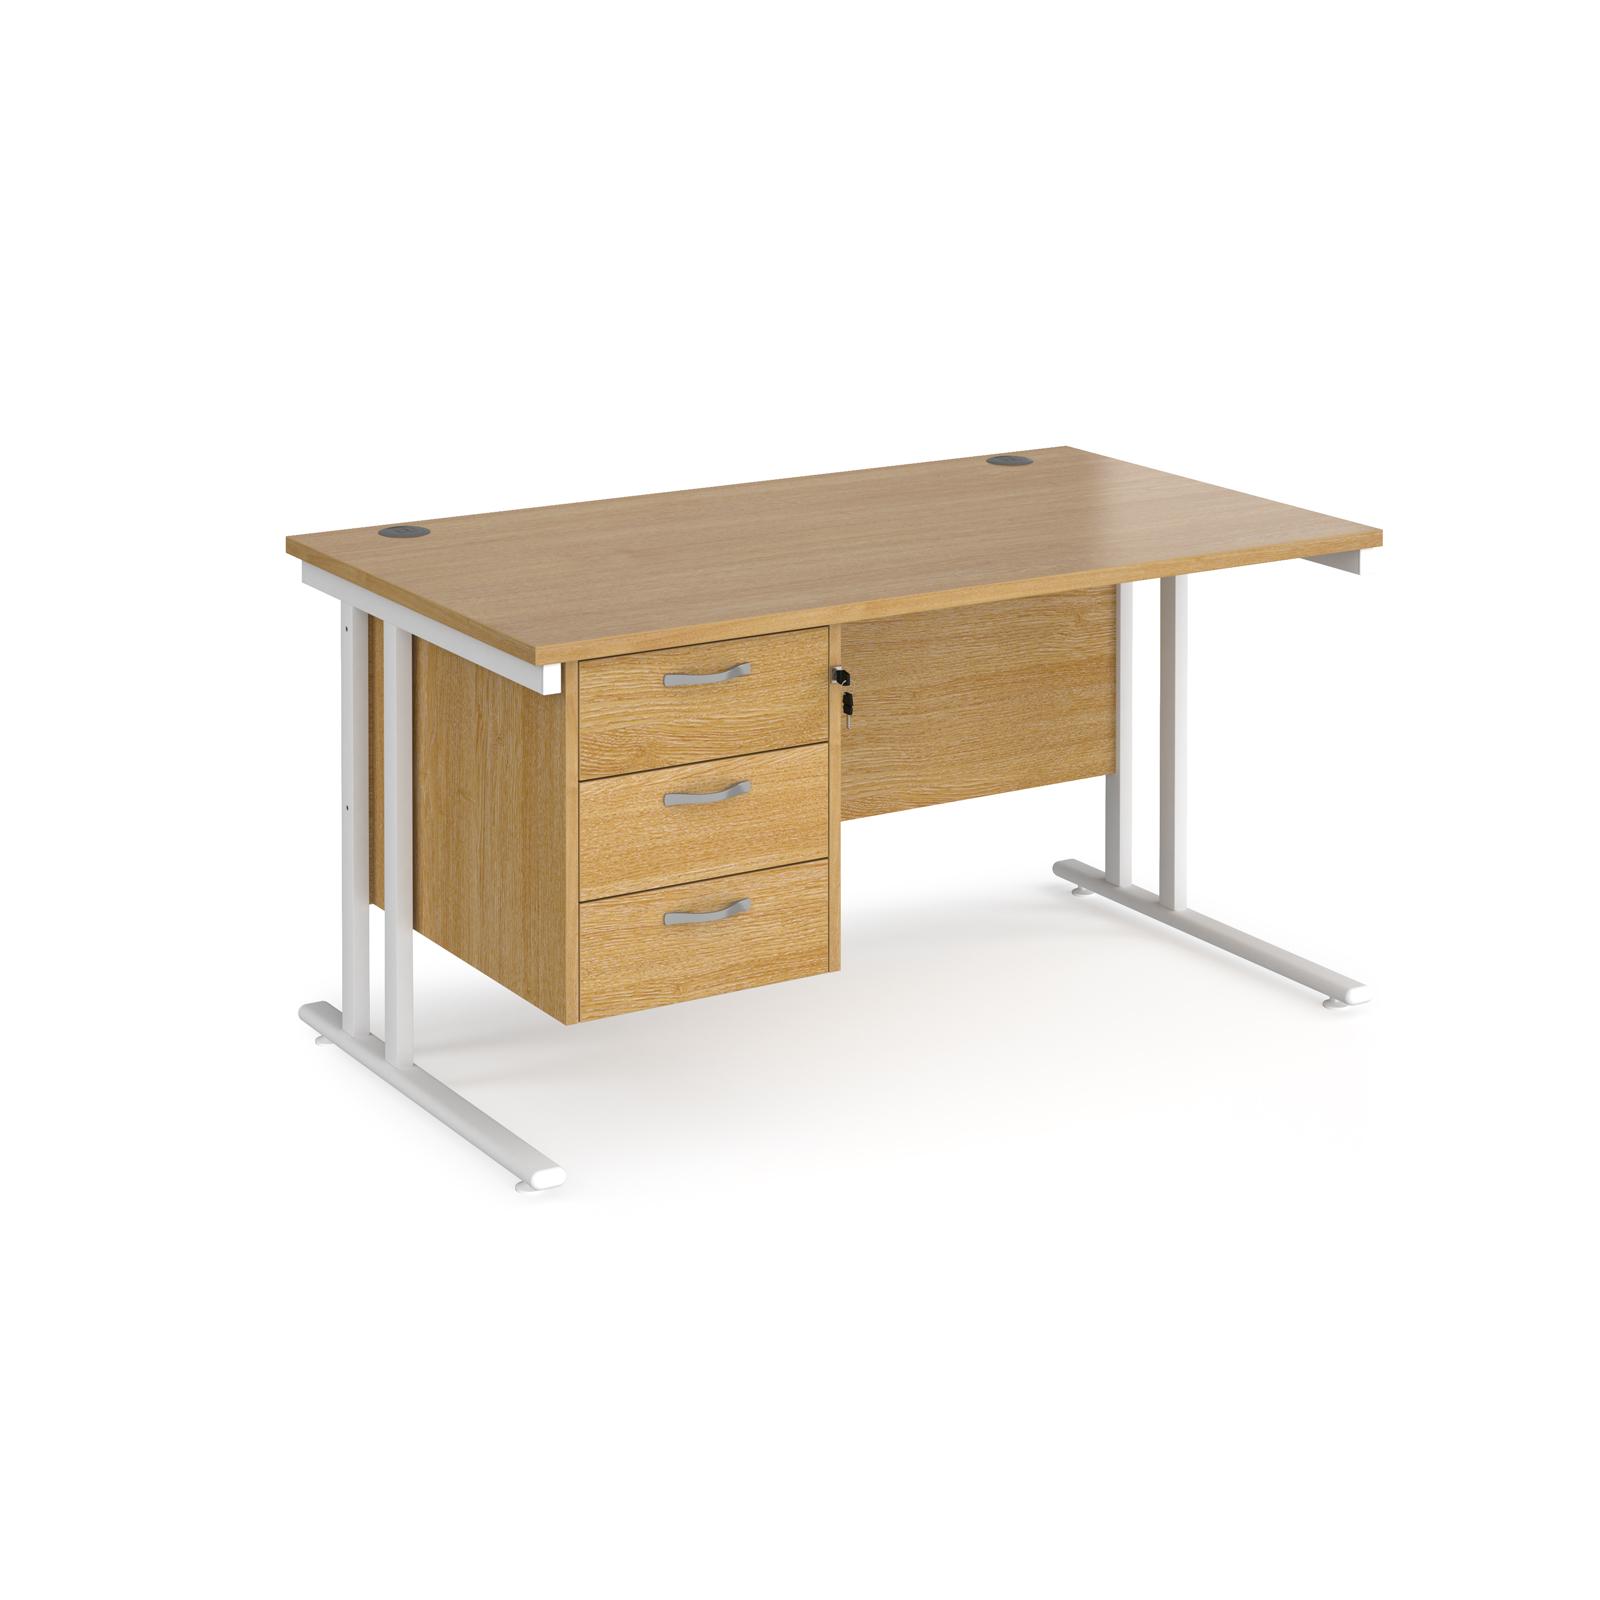 Rectangular Desks Maestro 25 straight desk 1400mm x 800mm with 3 drawer pedestal - white cantilever leg frame, oak top